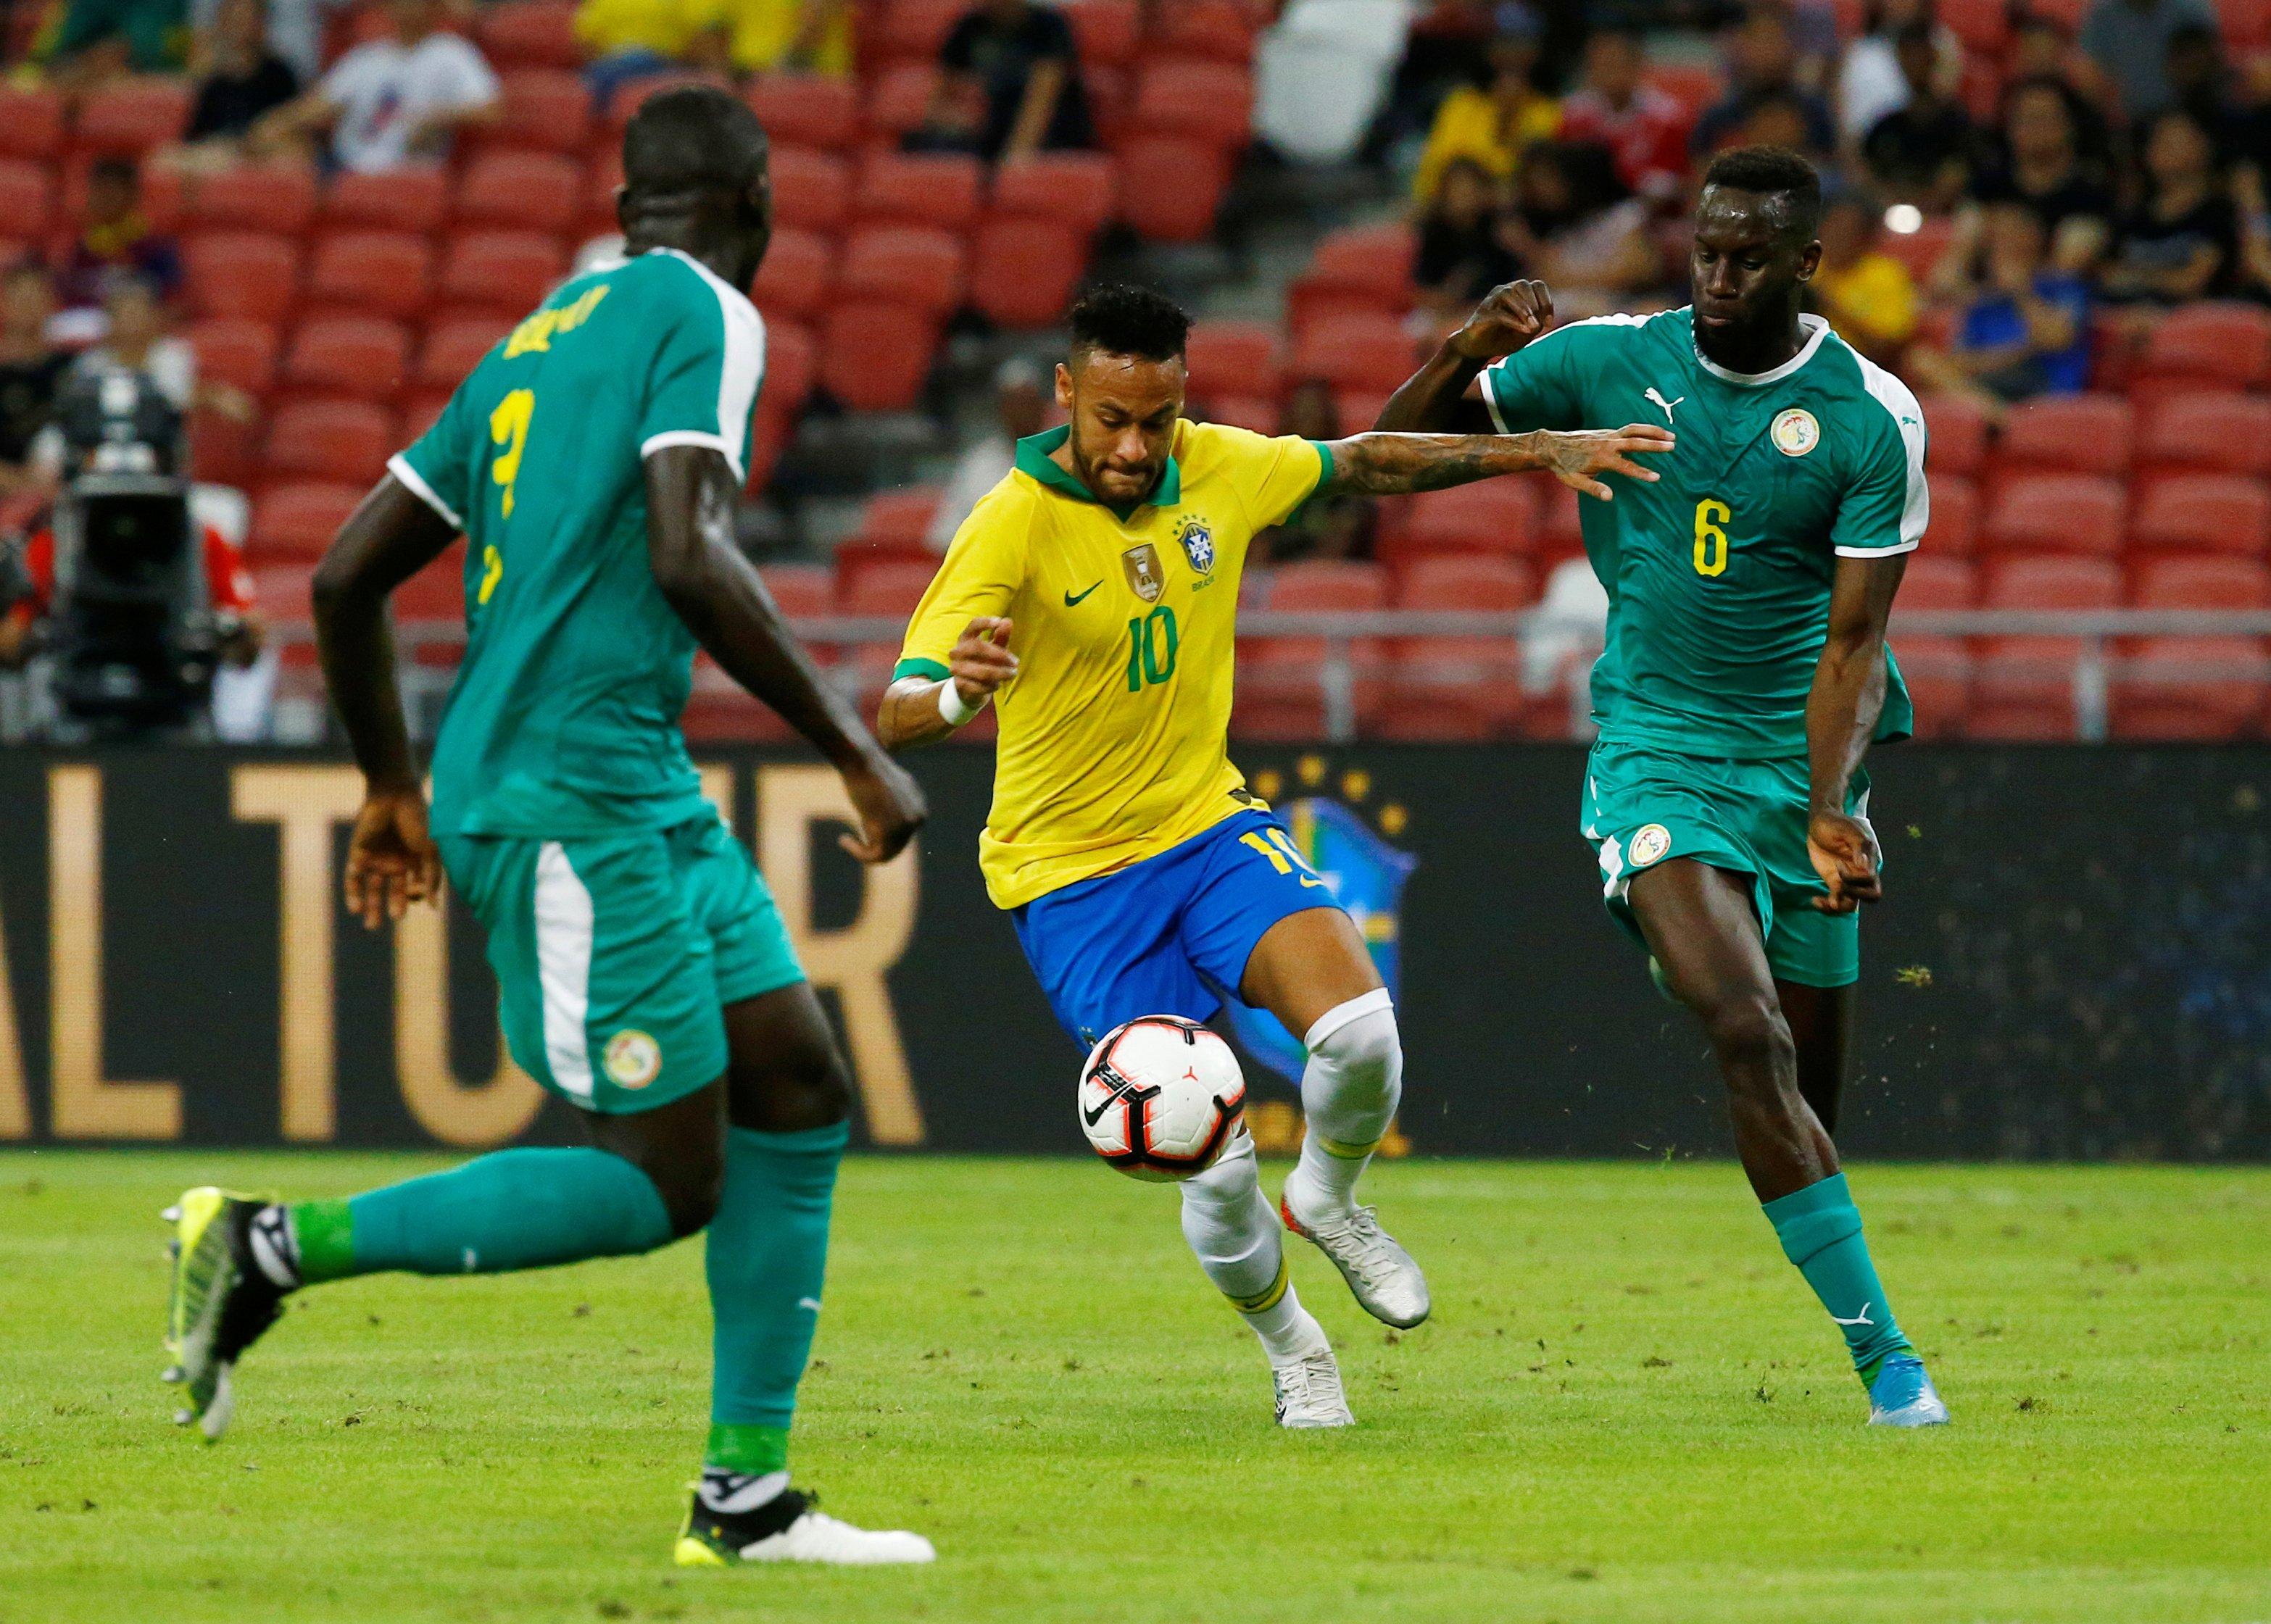 Бразилия не смогла обыграть Сенегал в сотом матче Неймара за Селесао - изображение 1